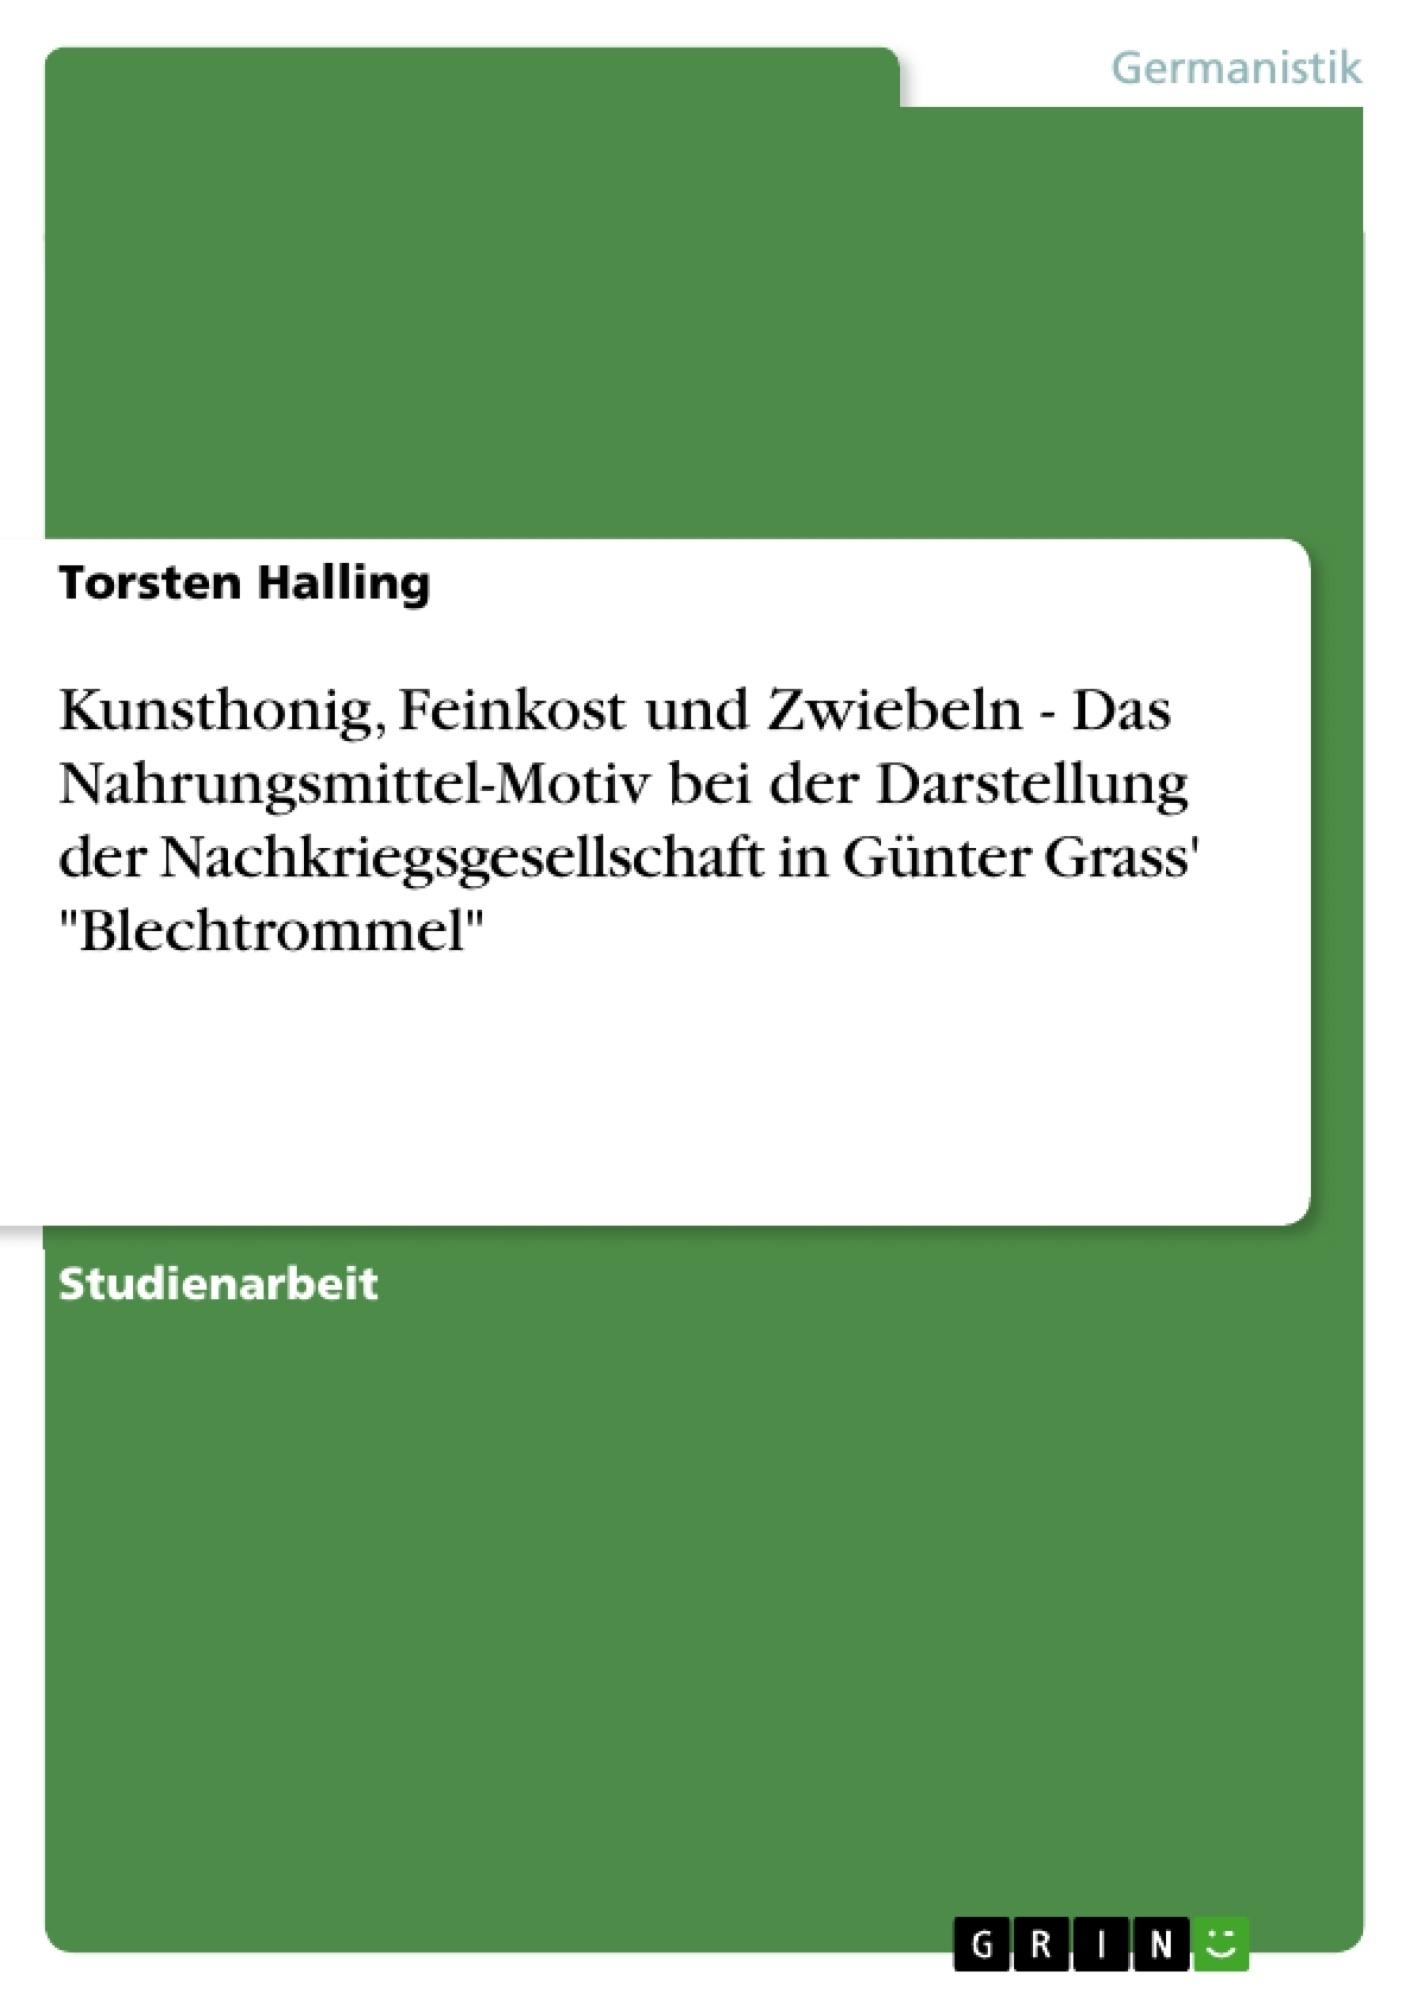 """Titel: Kunsthonig, Feinkost und Zwiebeln - Das Nahrungsmittel-Motiv bei der Darstellung der Nachkriegsgesellschaft in Günter Grass' """"Blechtrommel"""""""